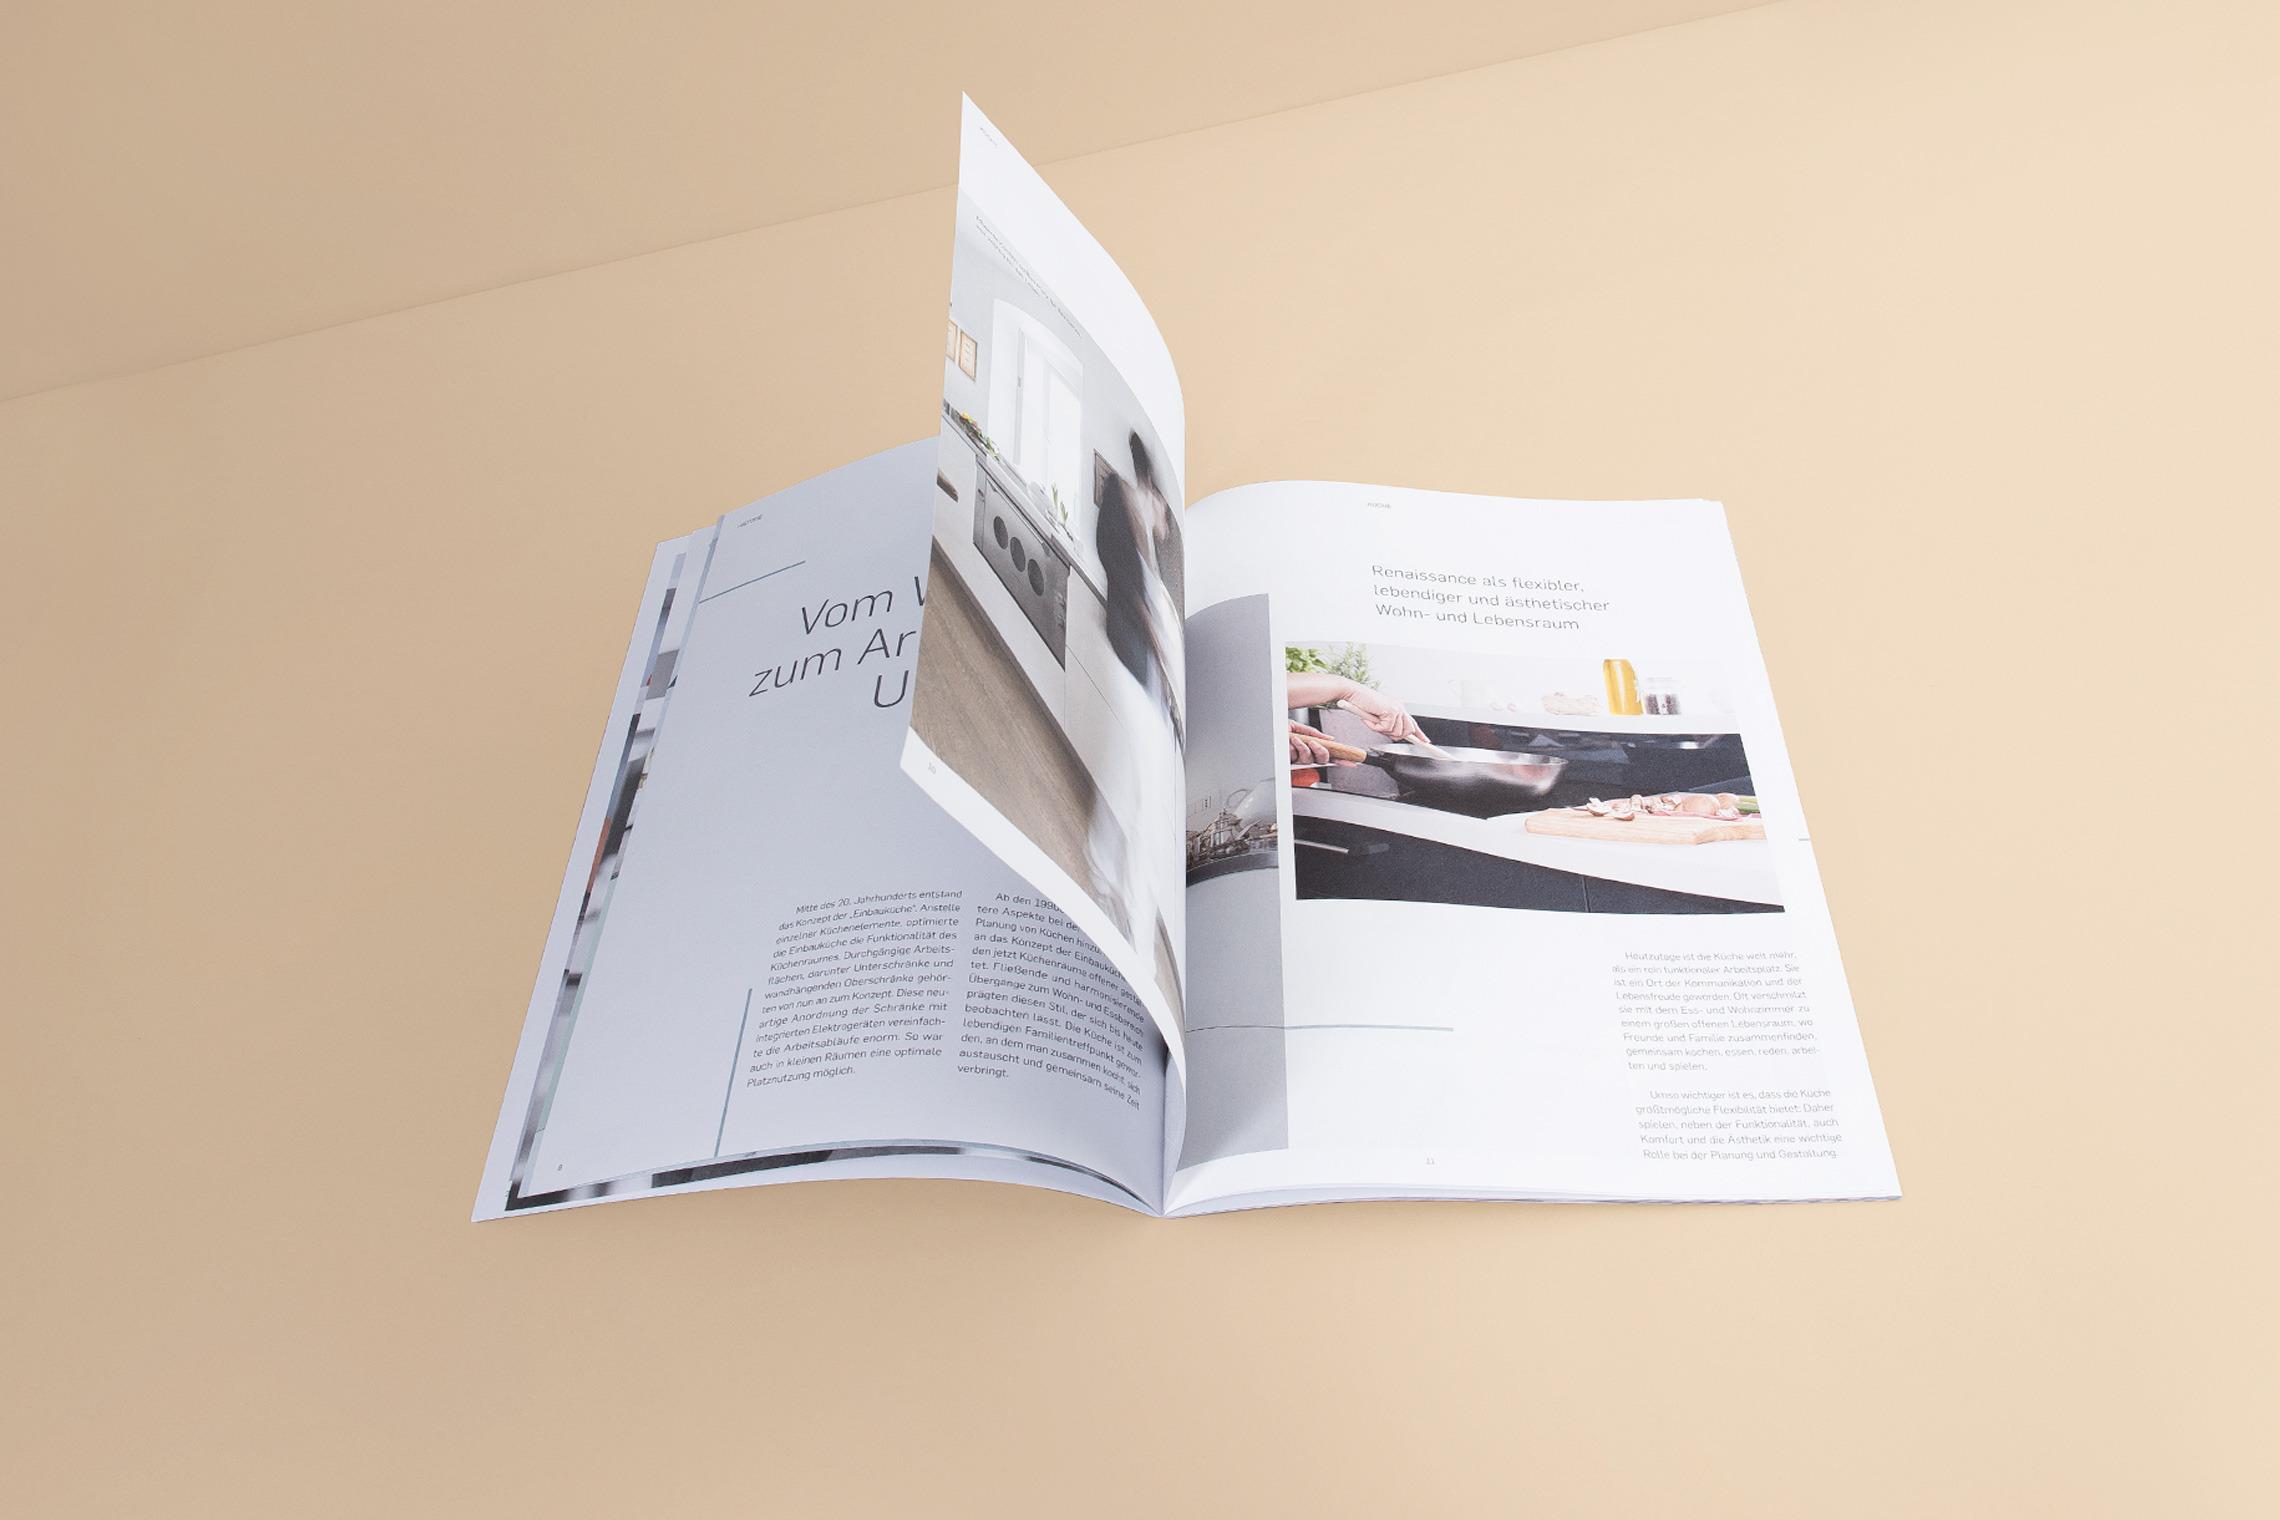 Ein luftiges Design und tolle Fotos geben der Gerdau Imagebroschüre ihren besonderen Look.